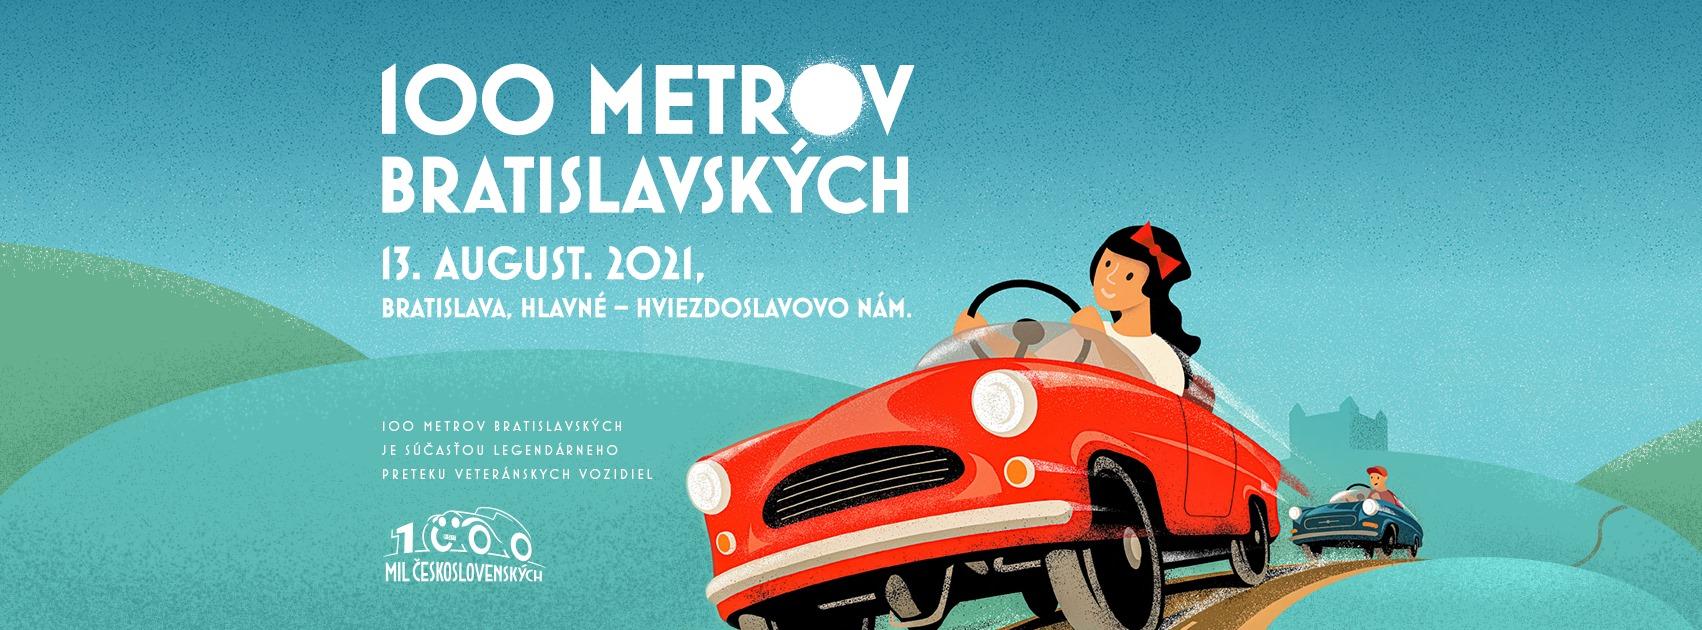 100 metrov Bratislavských - 13.8.2021 o 17:00